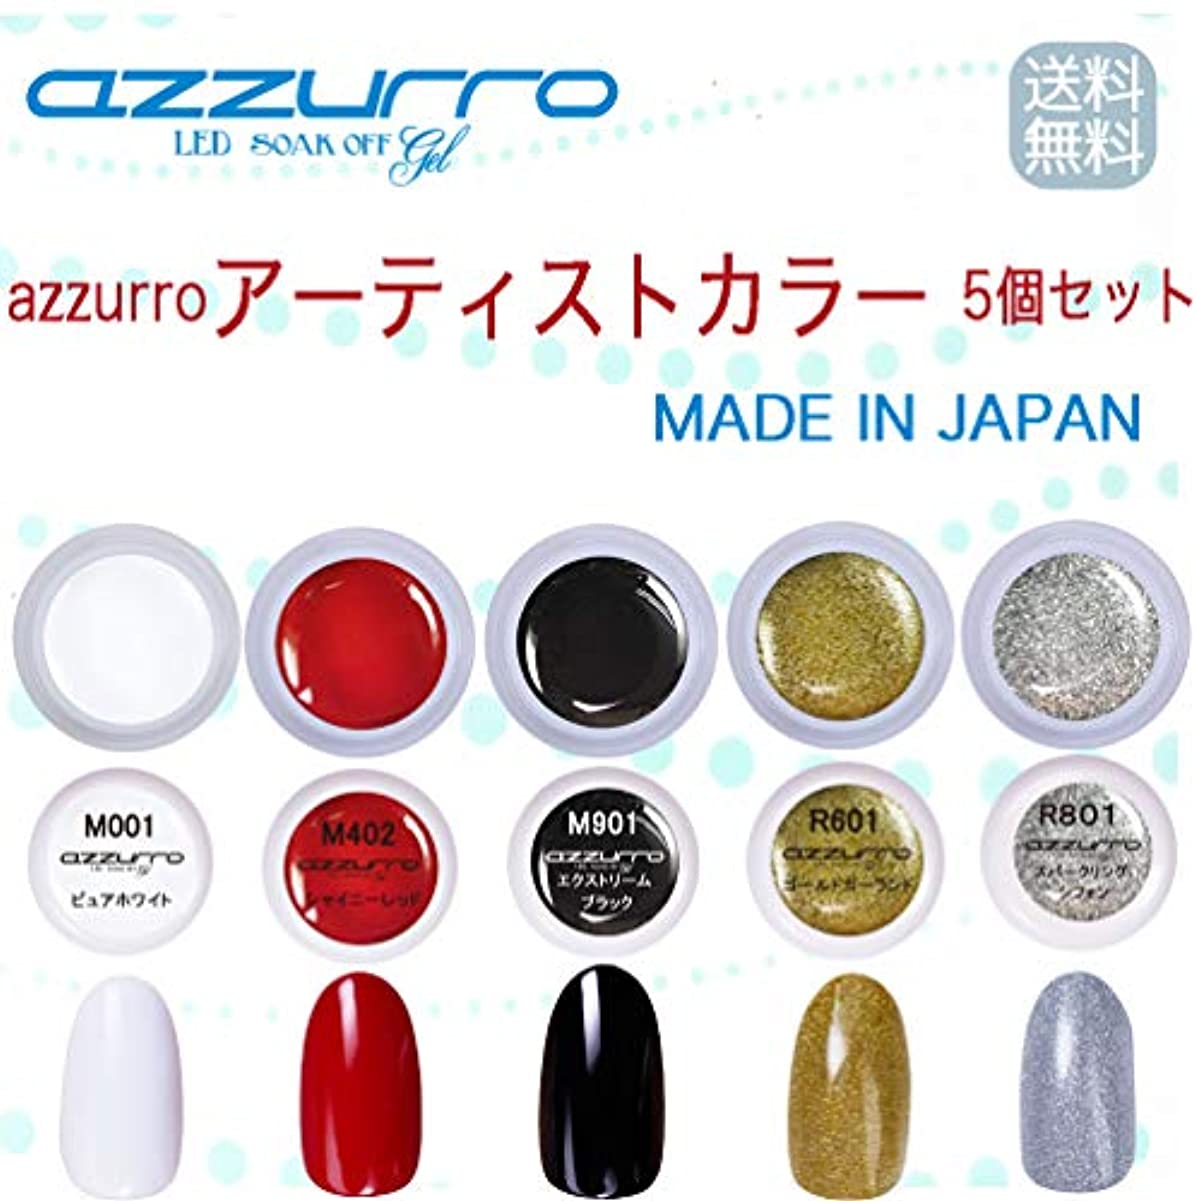 建築家余分なめまいが【送料無料】日本製 azzurro gel アーティストカラージェル5個セット トレンドのラインアートにもピッタリなカラー